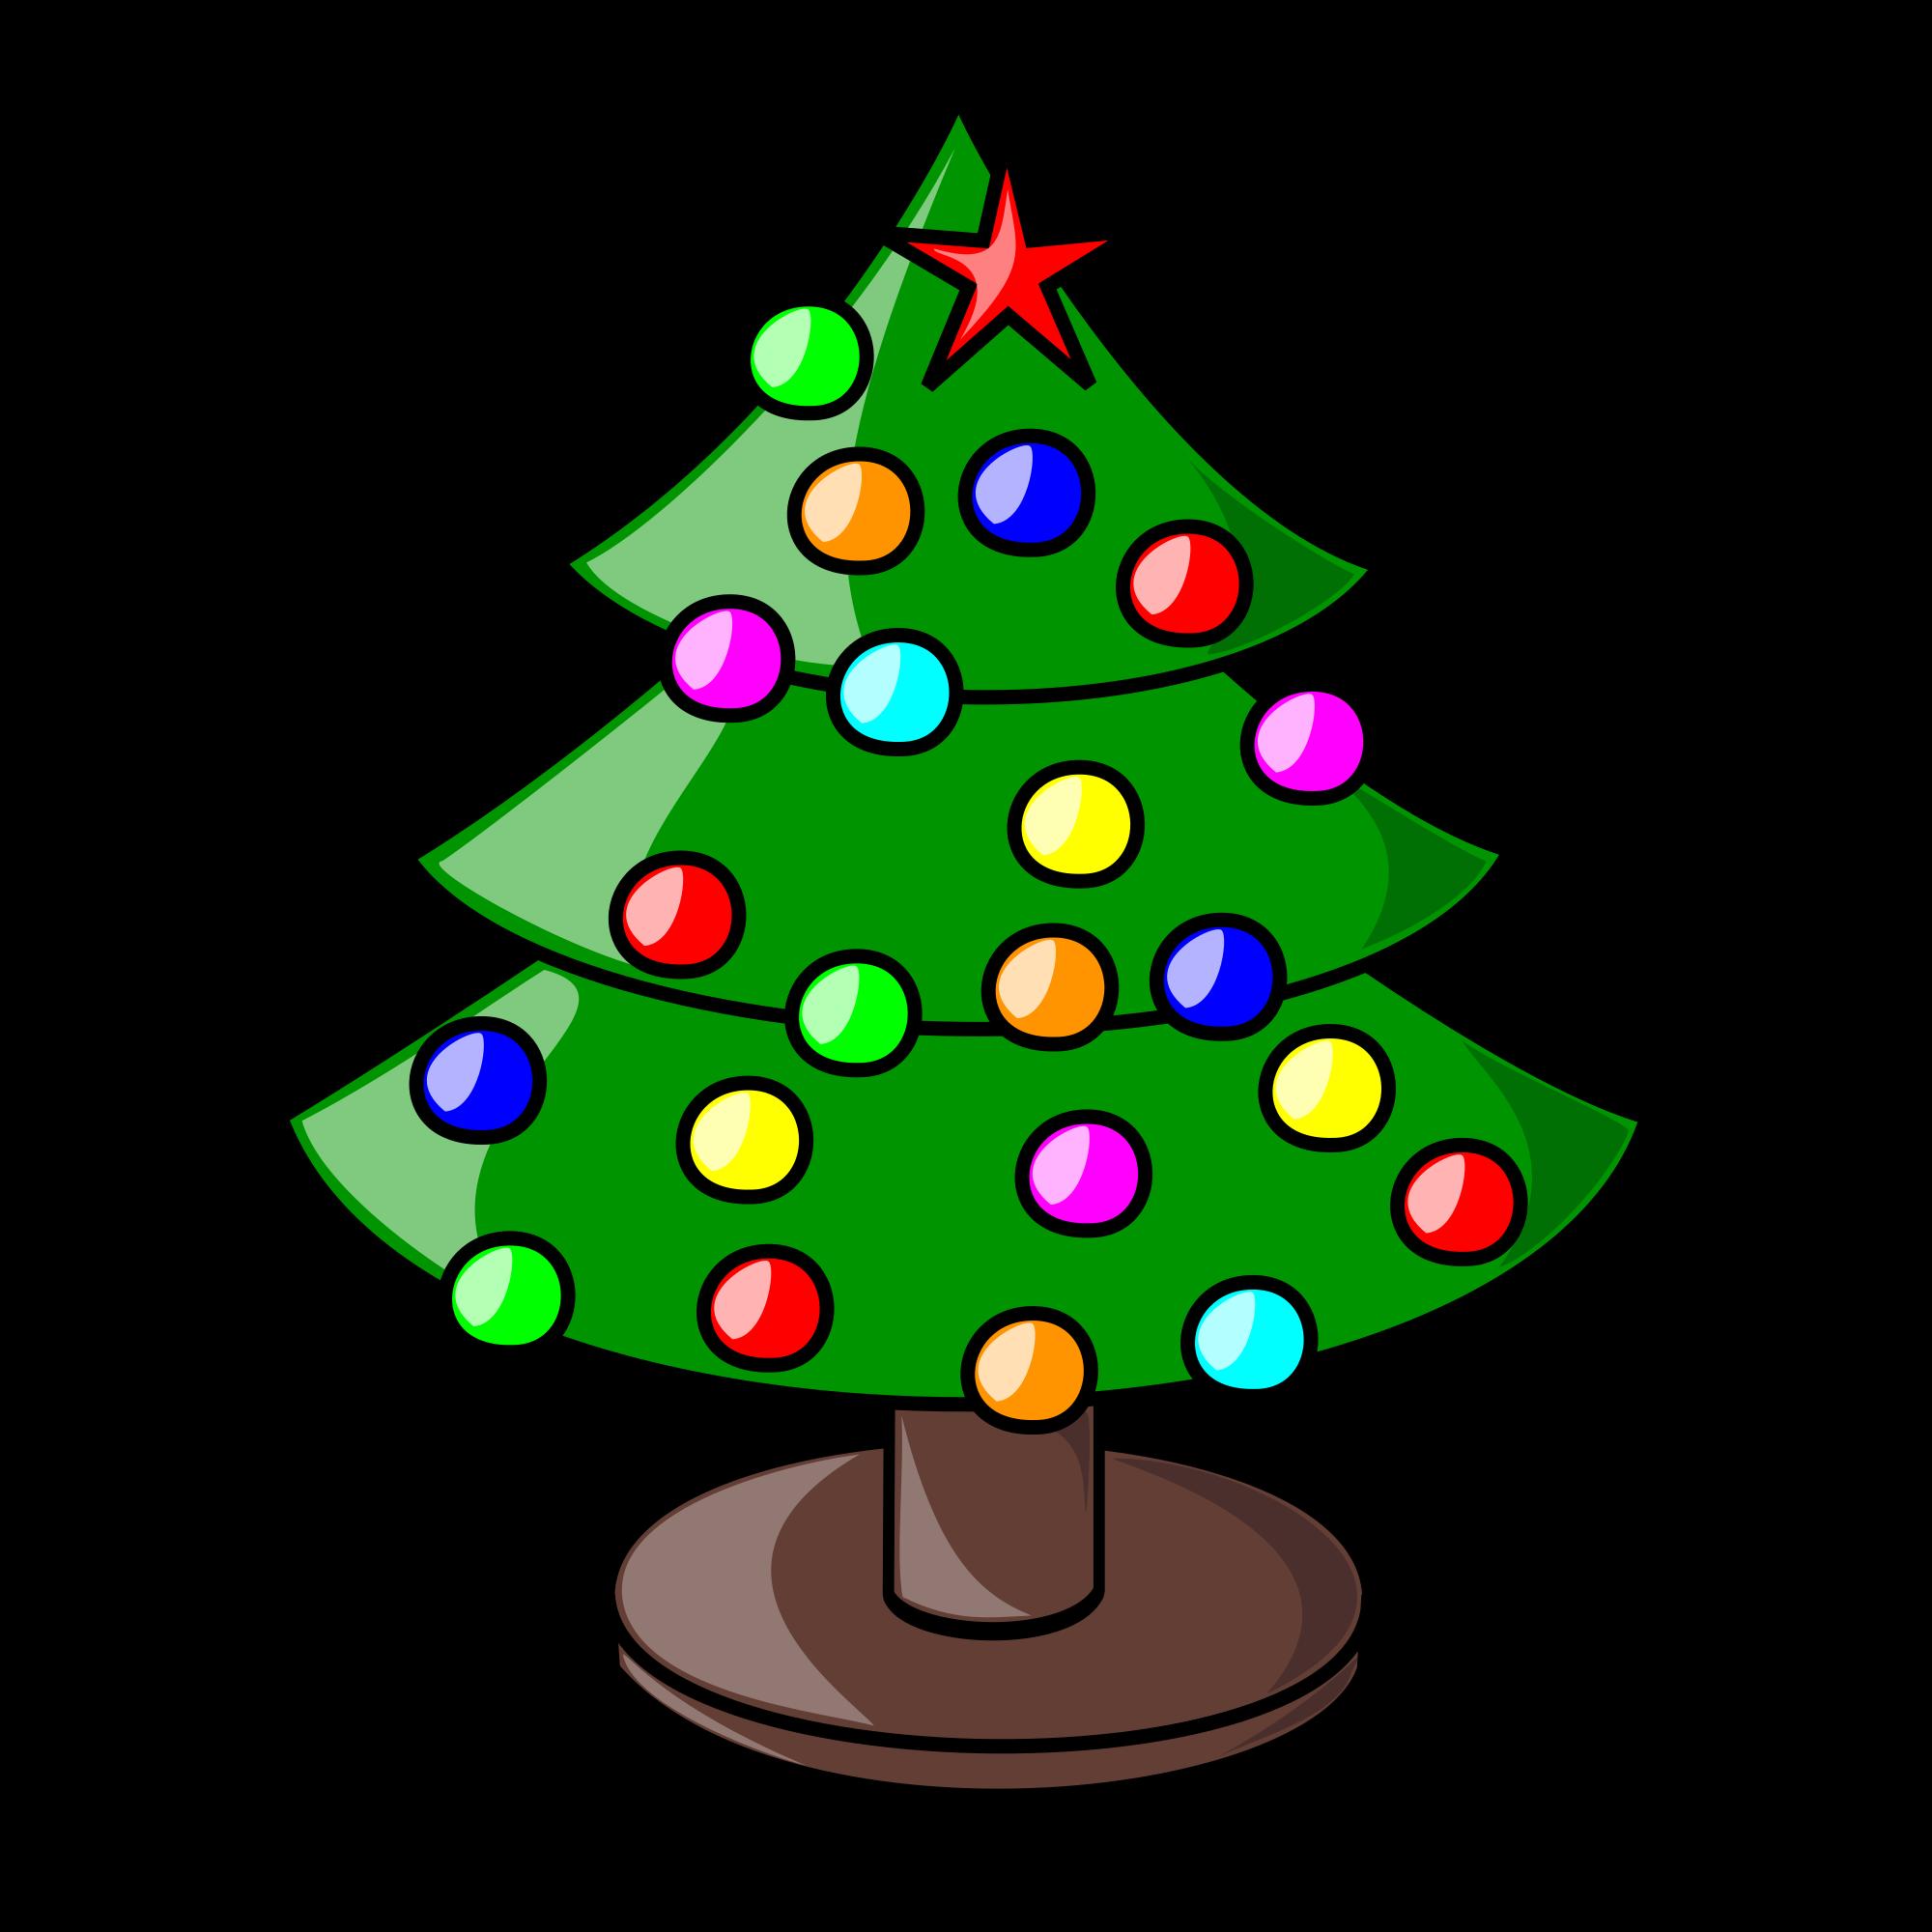 Joy clipart christmas tree. File xmas svg wikimedia